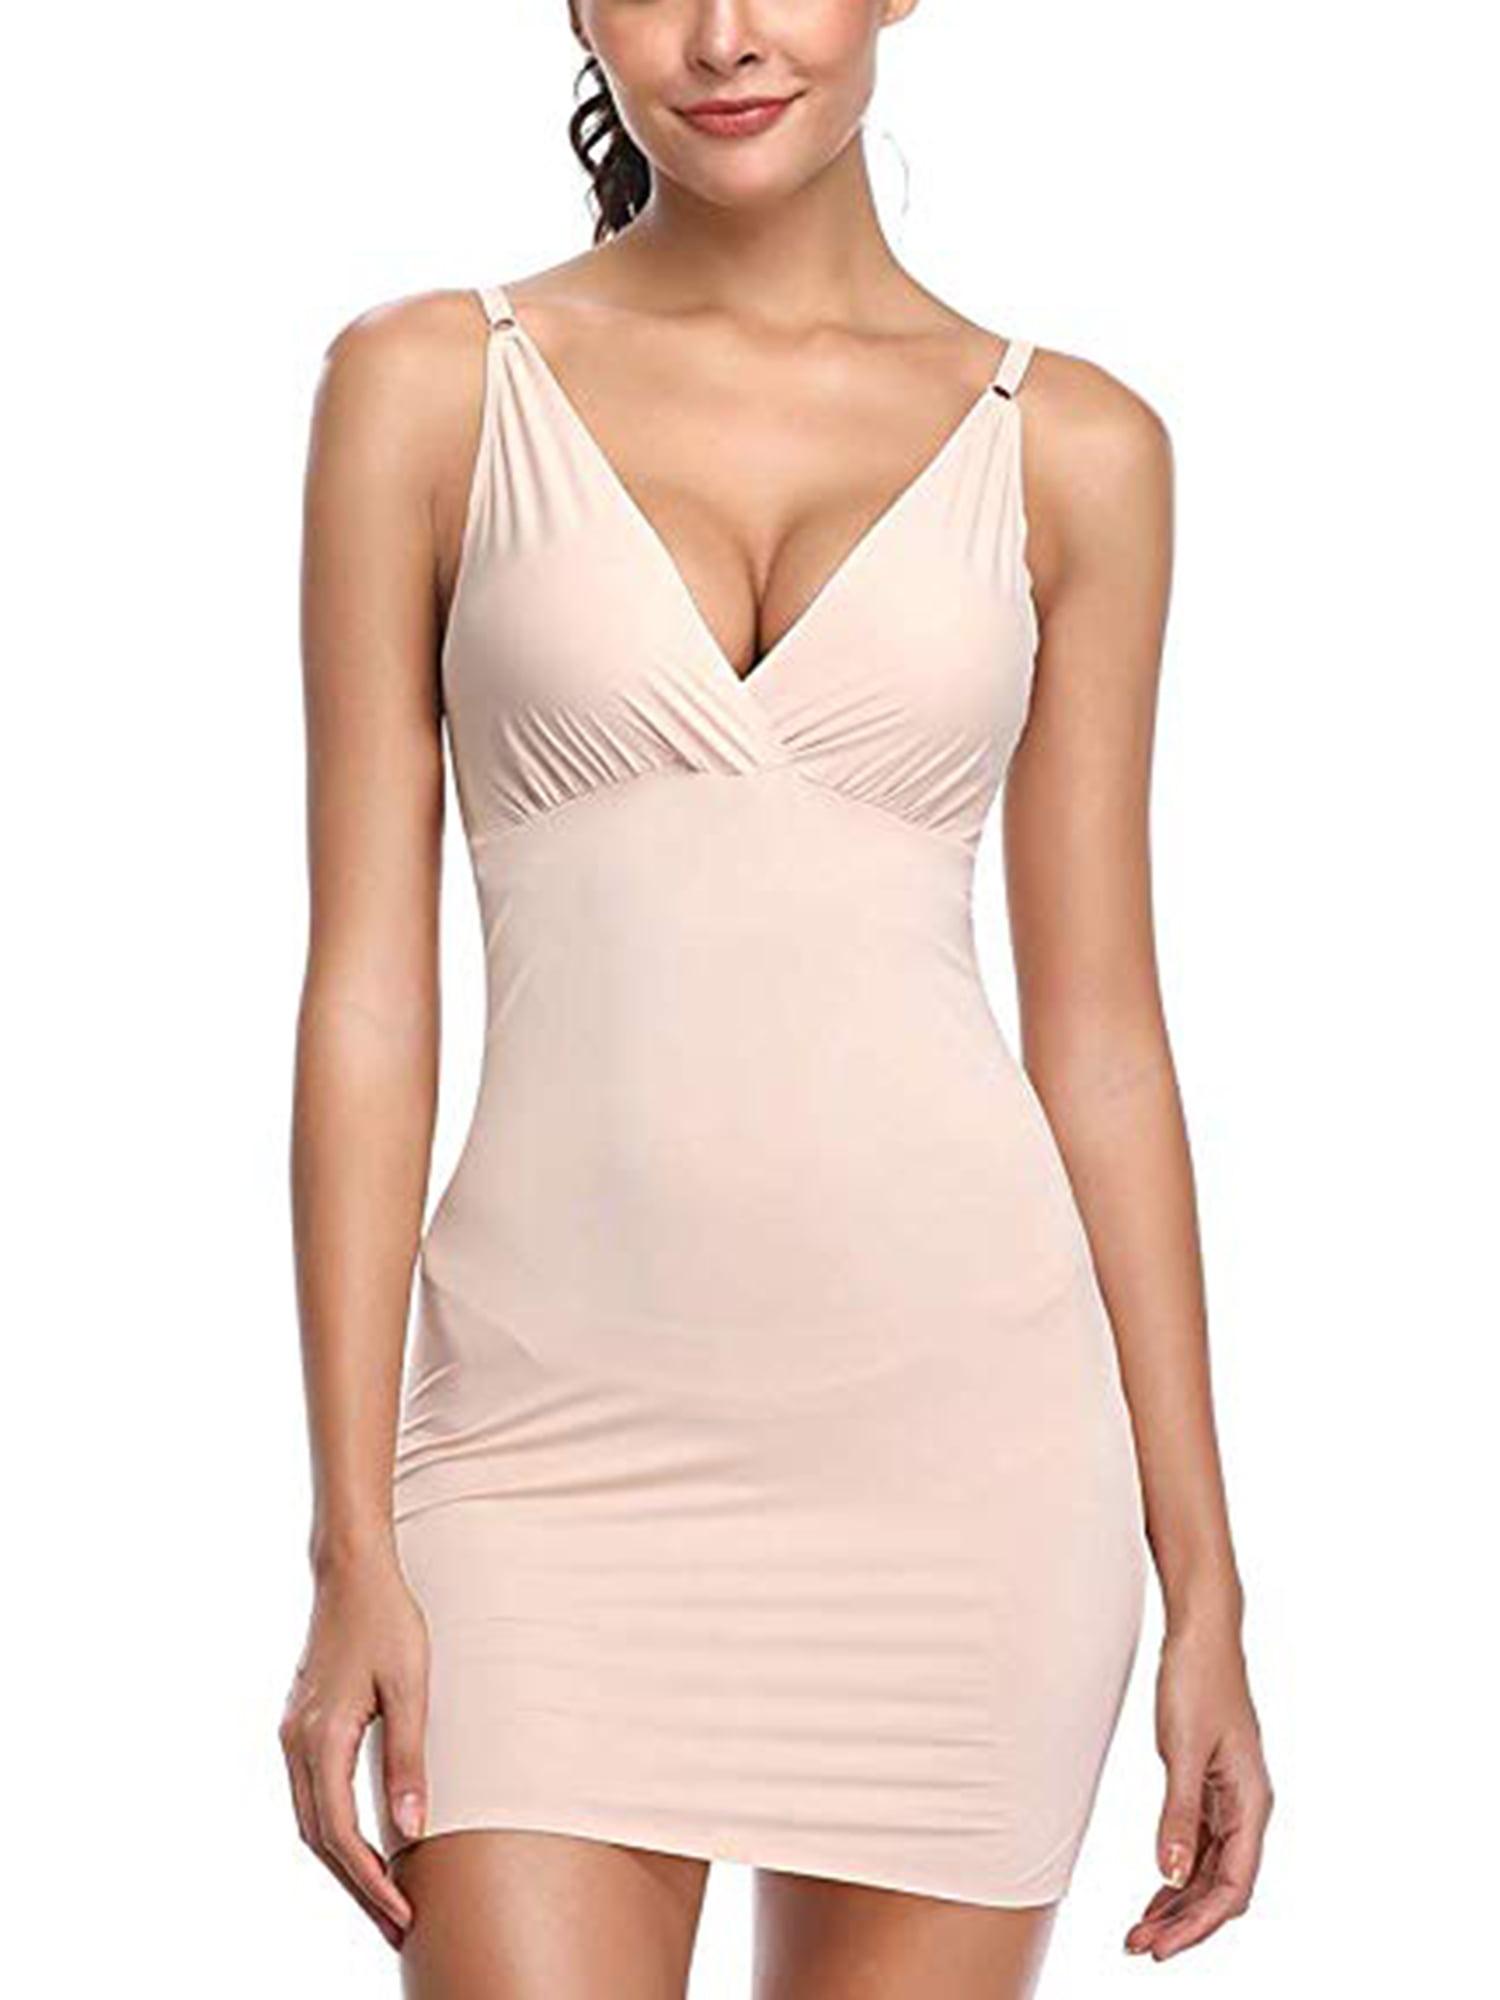 Full Slips for Women Under Dresses Long Body Shaping Cami Slip Seamless Slimming Deep V Neck Slip